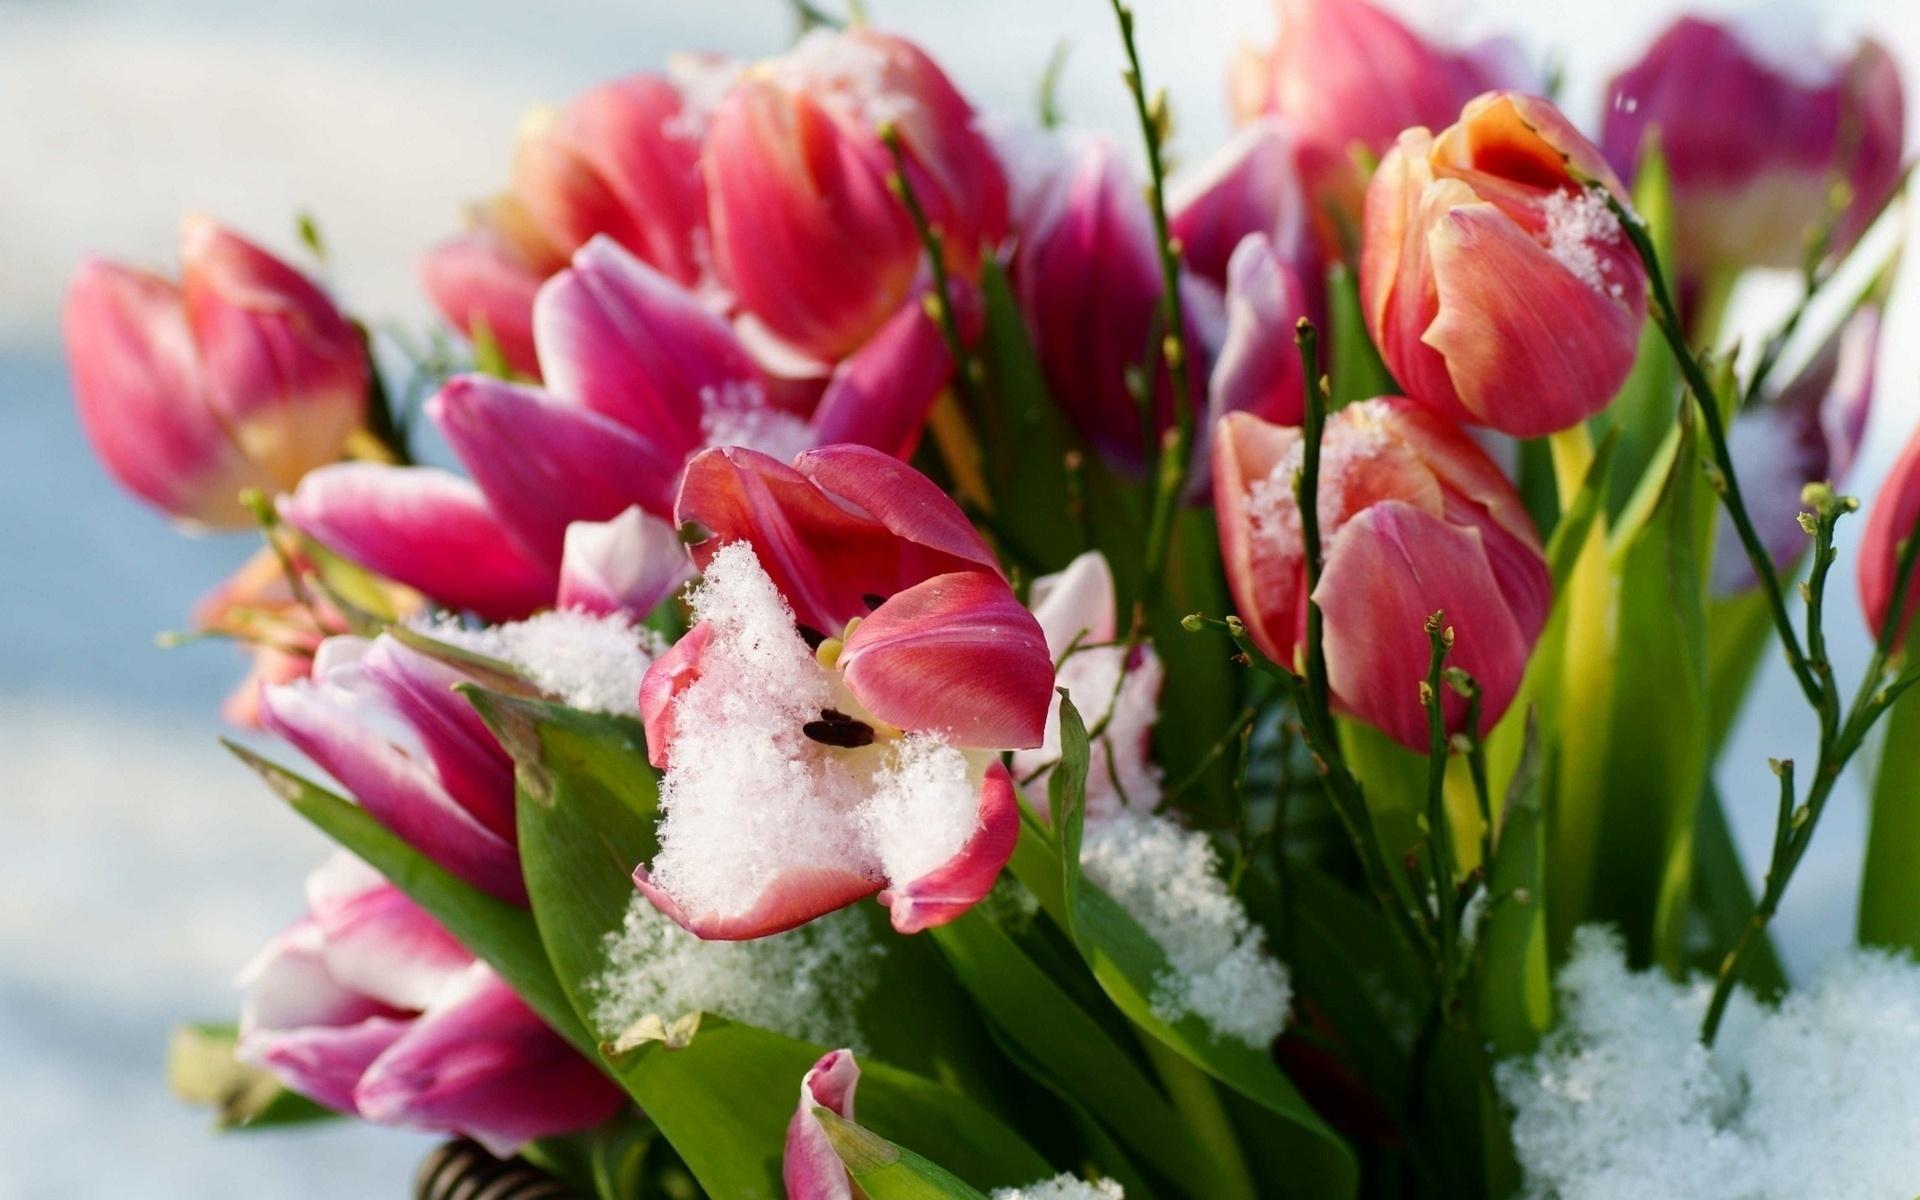 красивые фото с цветами весенние надеюсь будем